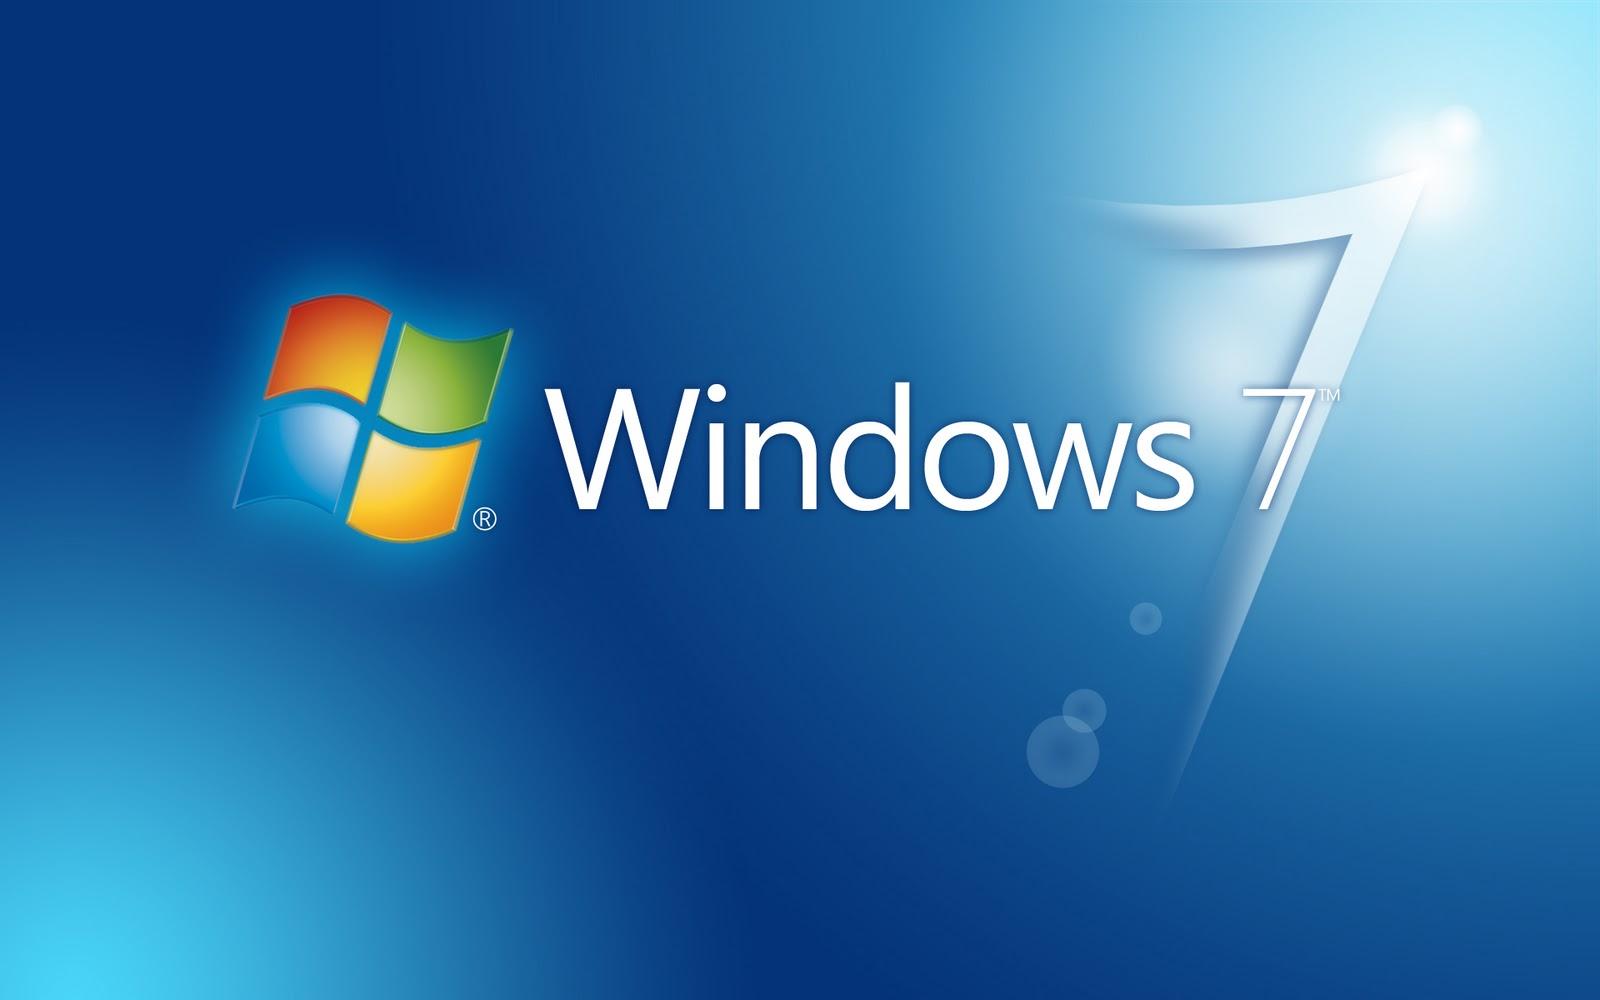 windows 7 product key generator free download.jpg - windows7のPCが調子悪い!そんなときには初期化してみよう